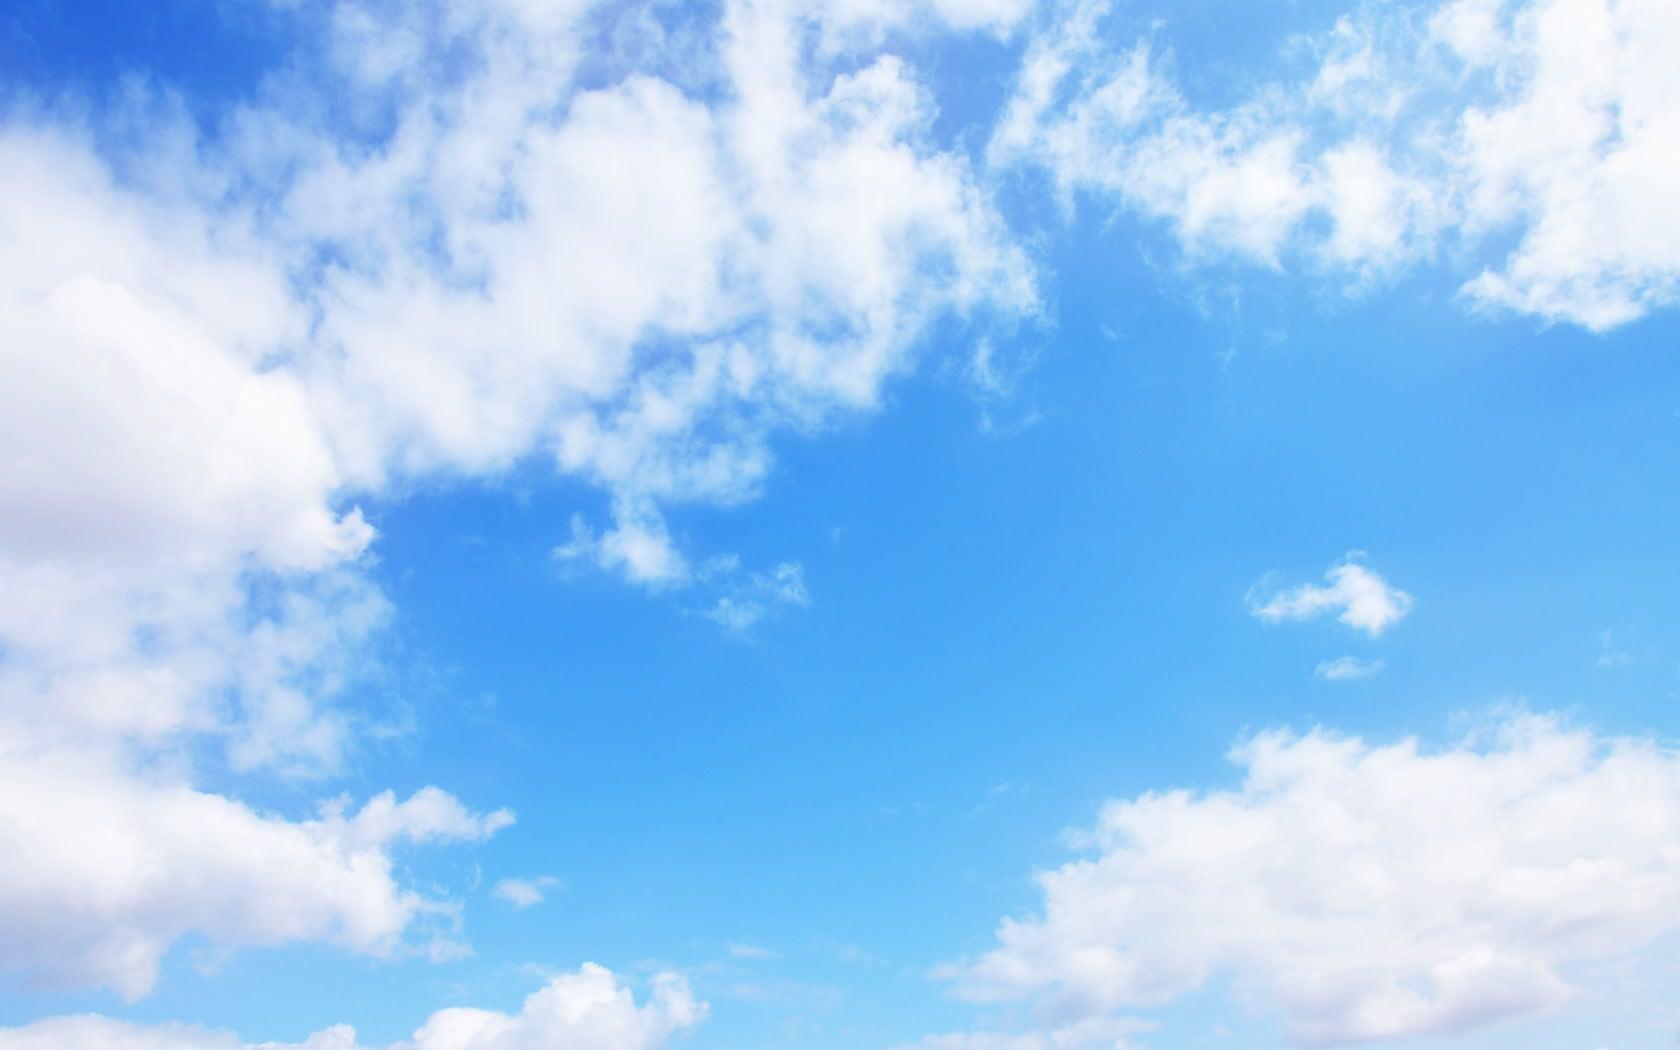 空・雲の壁紙 1680 215 1050 5 スマホ・pc用壁紙 Wallpaper Box